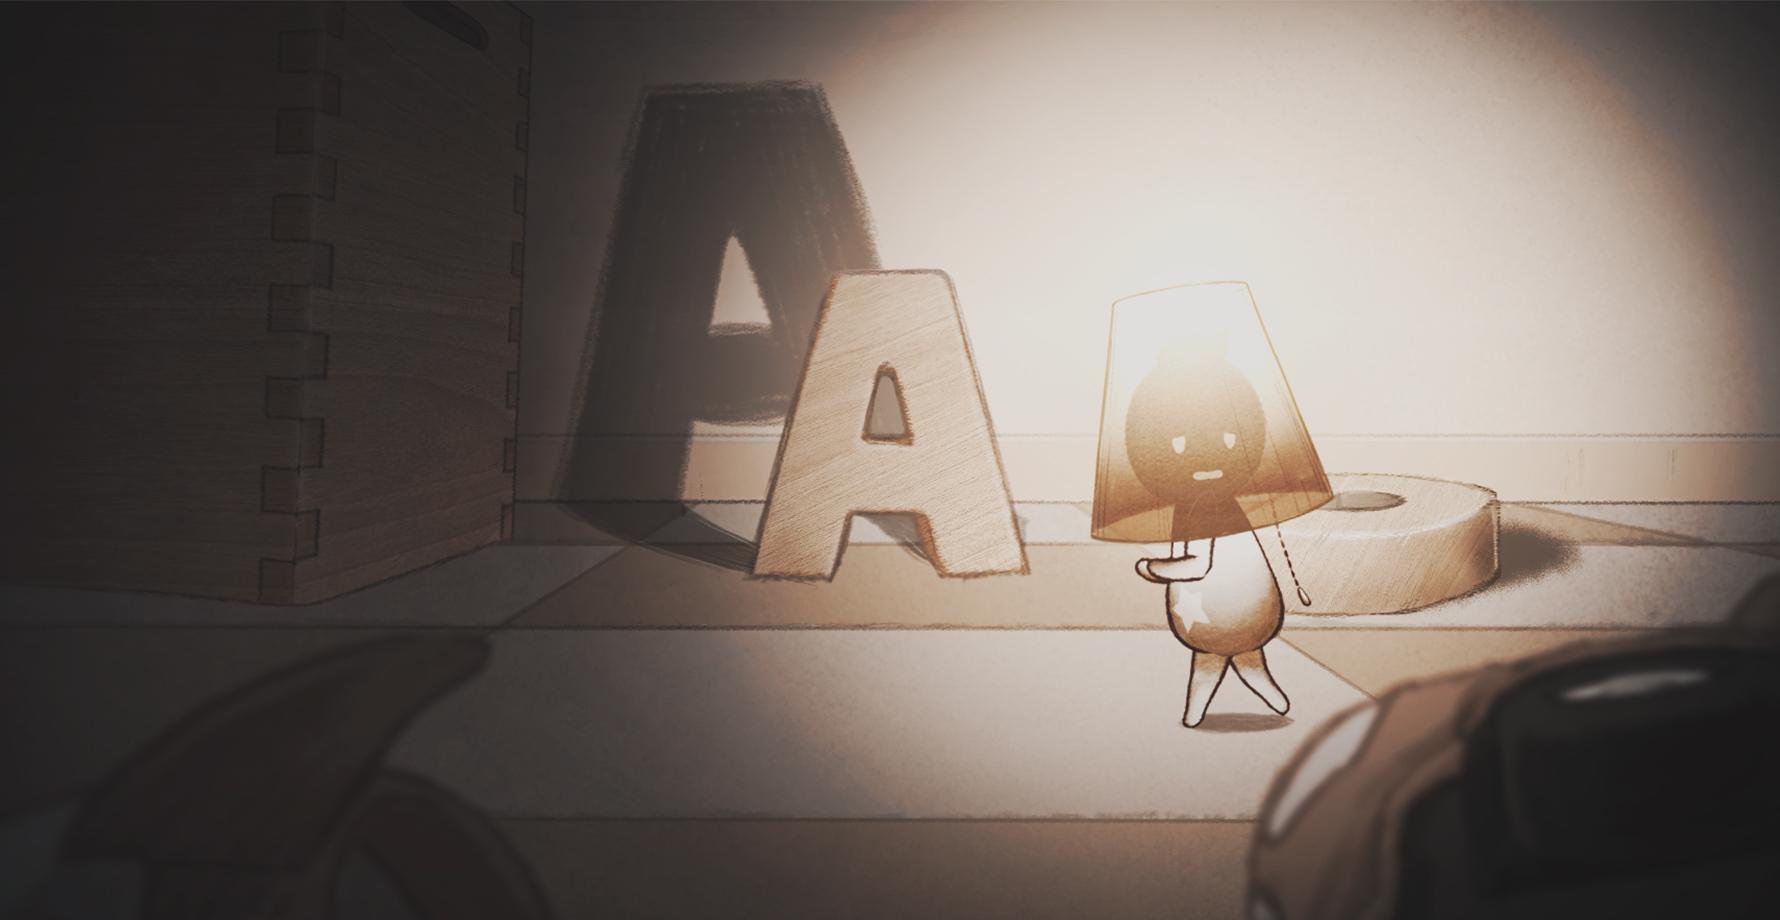 Live2D オリジナルショートアニメーション 『The Lamp Man』